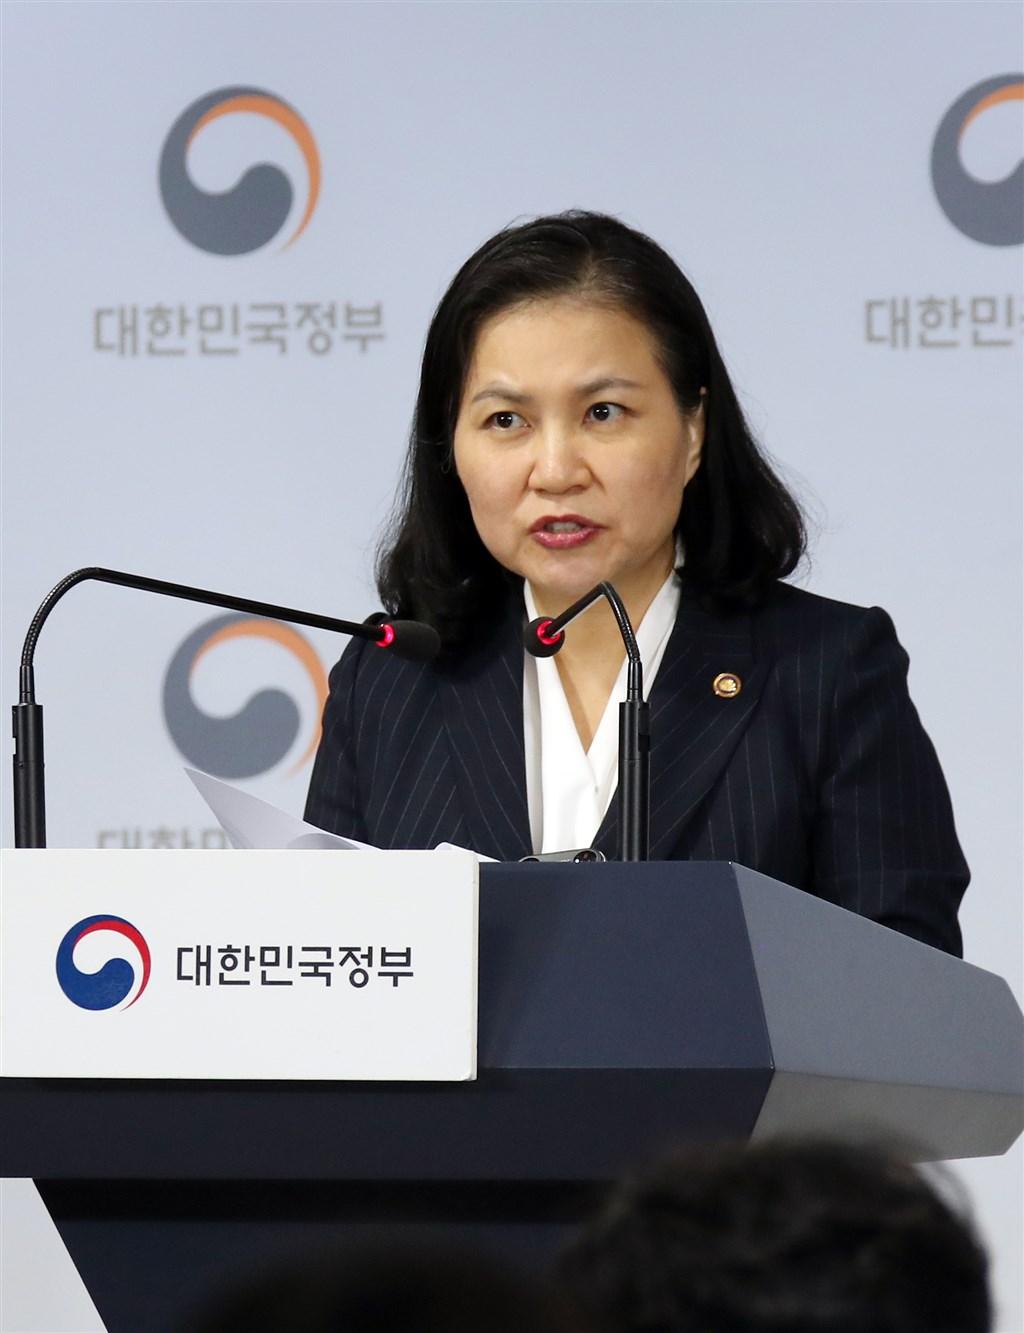 南韓產業通商資源部通商交涉本部長俞明希11日表示,南韓會向世貿組織申請雙邊諮商,作為解決日本嚴格管制3種關鍵原料出口的第一步。(韓聯社提供)